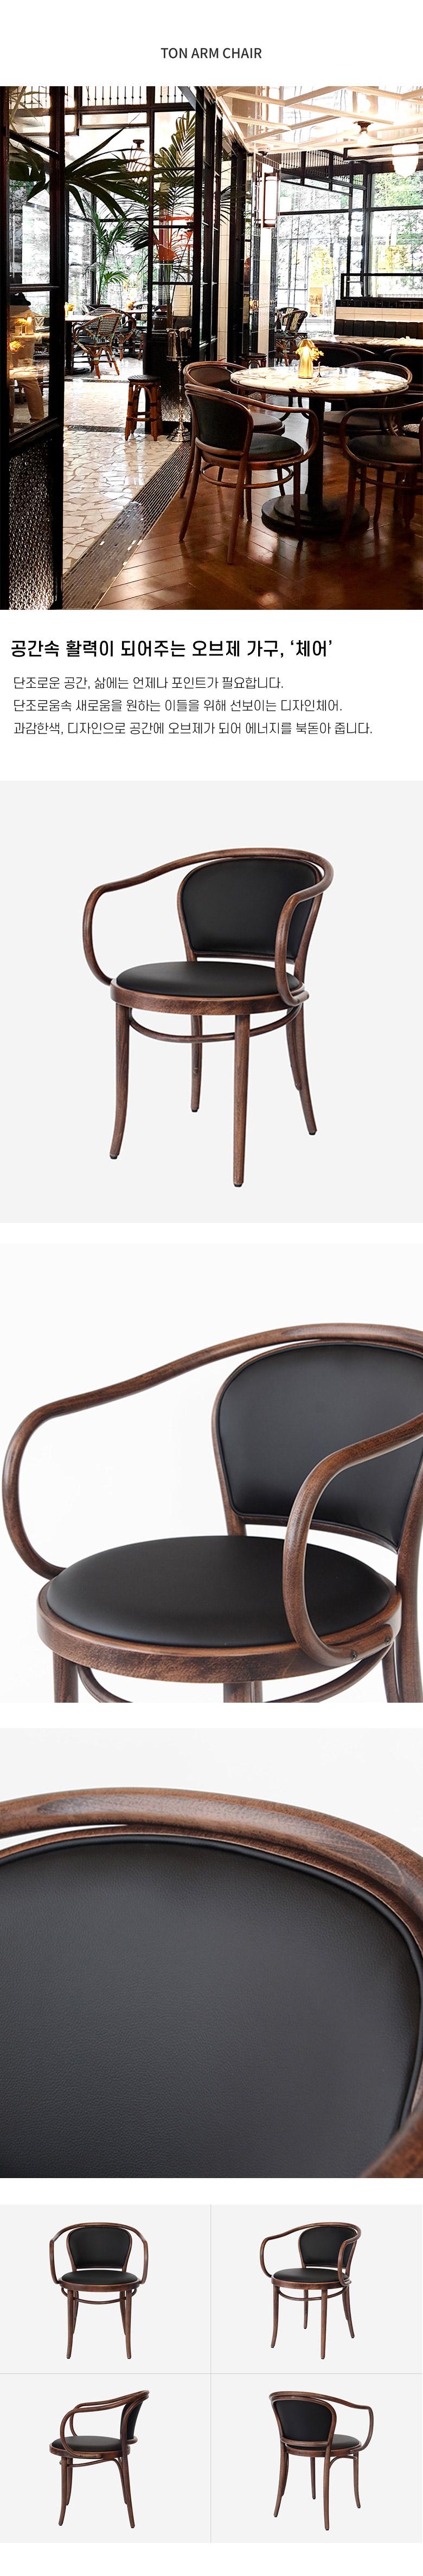 로이퍼니처랩 톤 암체어 - 로이퍼니처랩, 842,500원, 디자인 의자, 인테리어의자